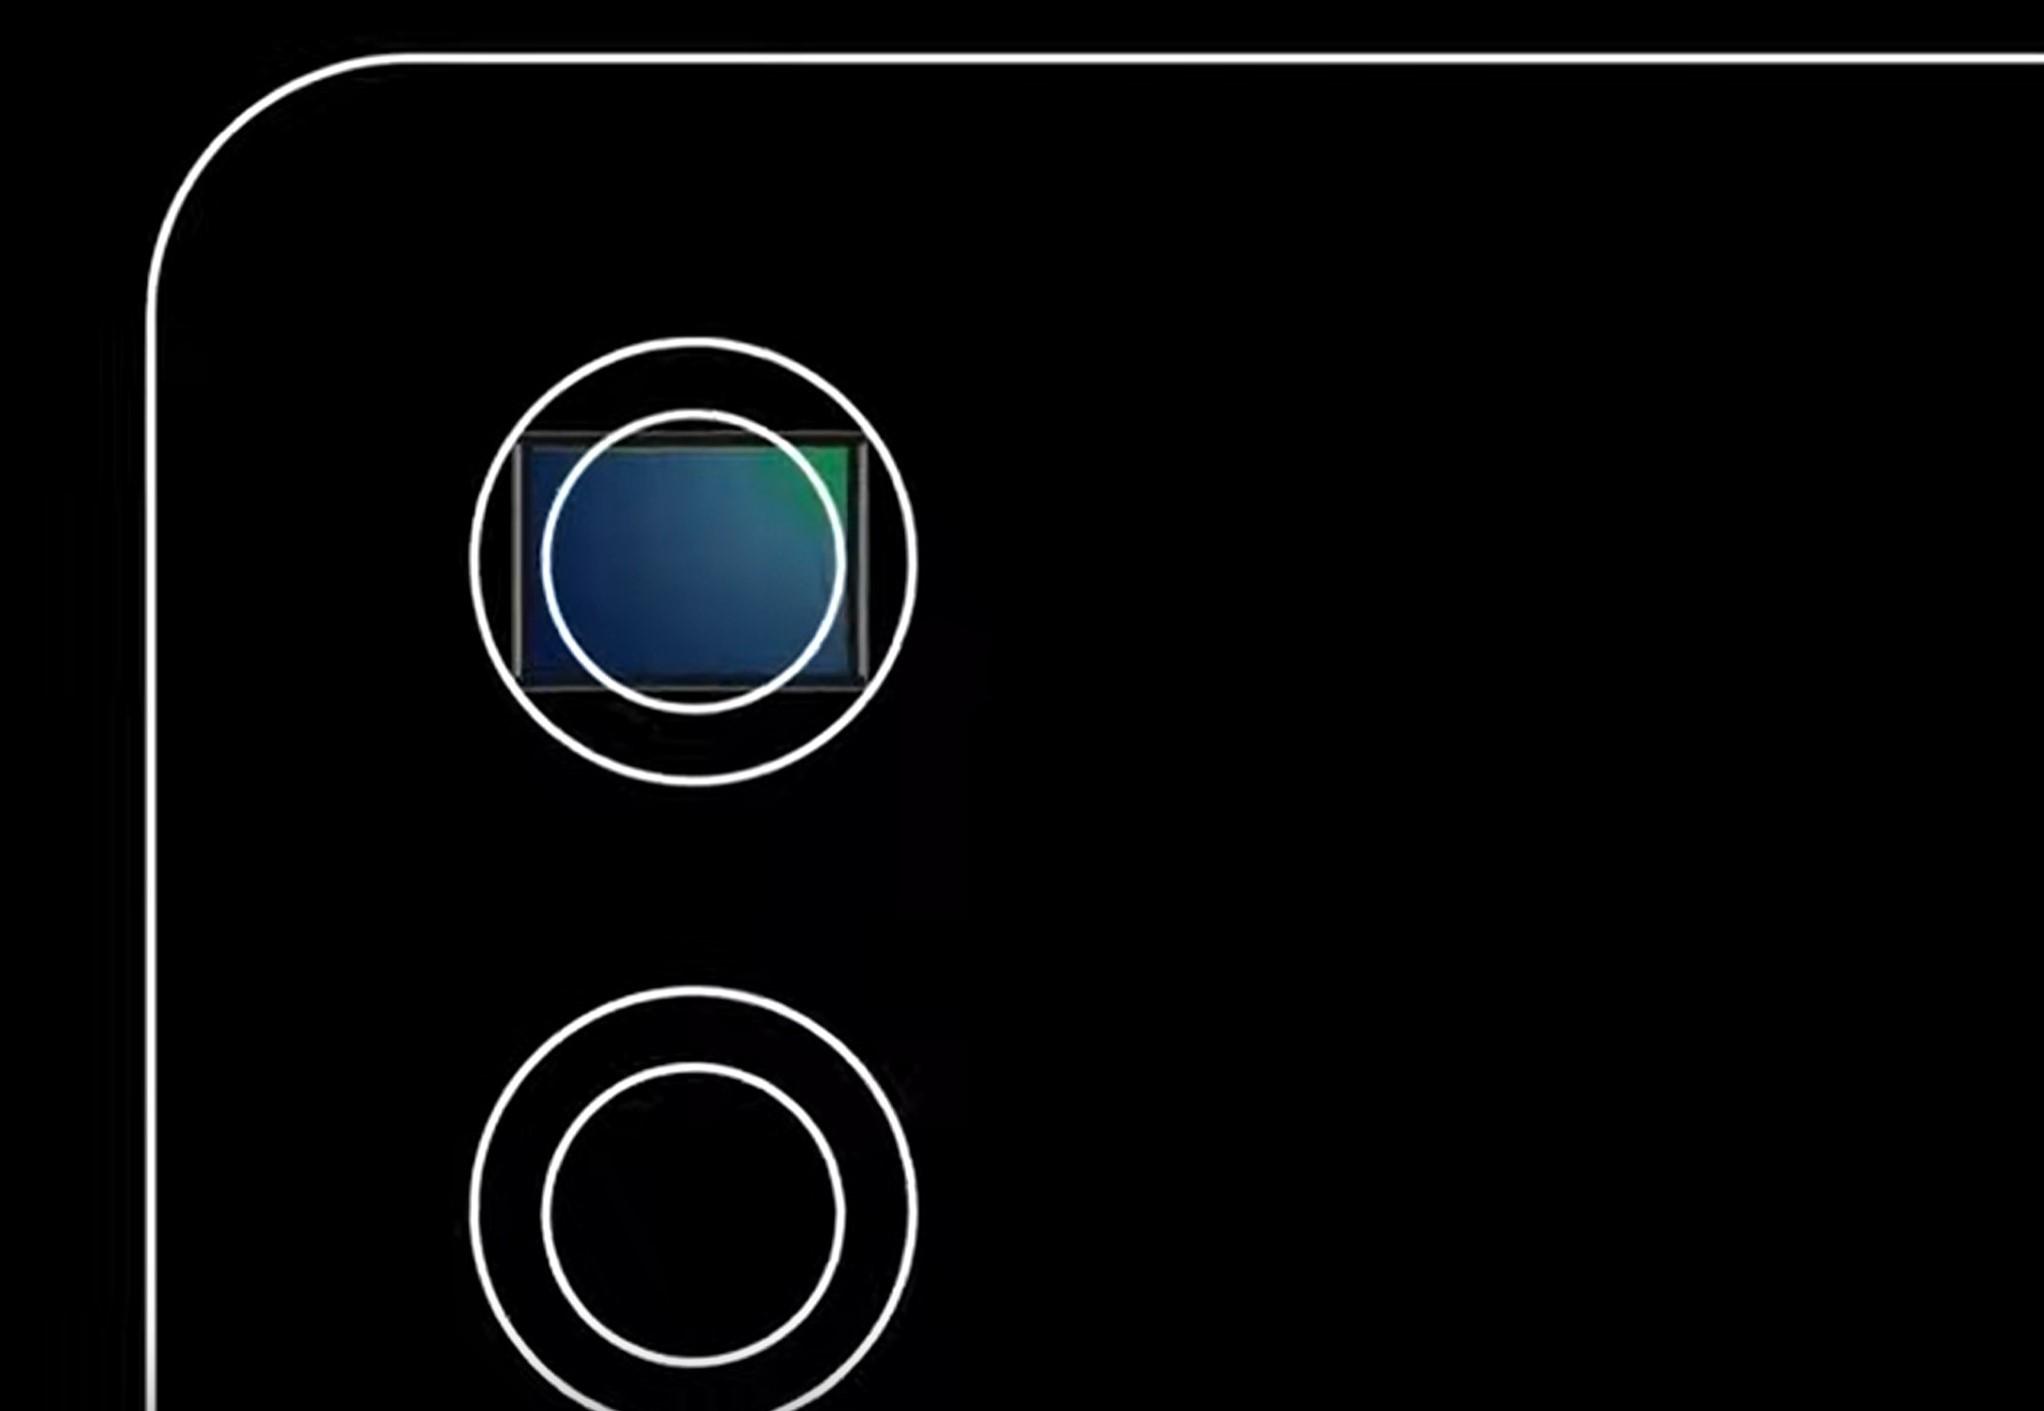 Zwiastun nowego sensora dla aparatów smartfonów od Sony - IMX686. Są próbki zdjęć 20